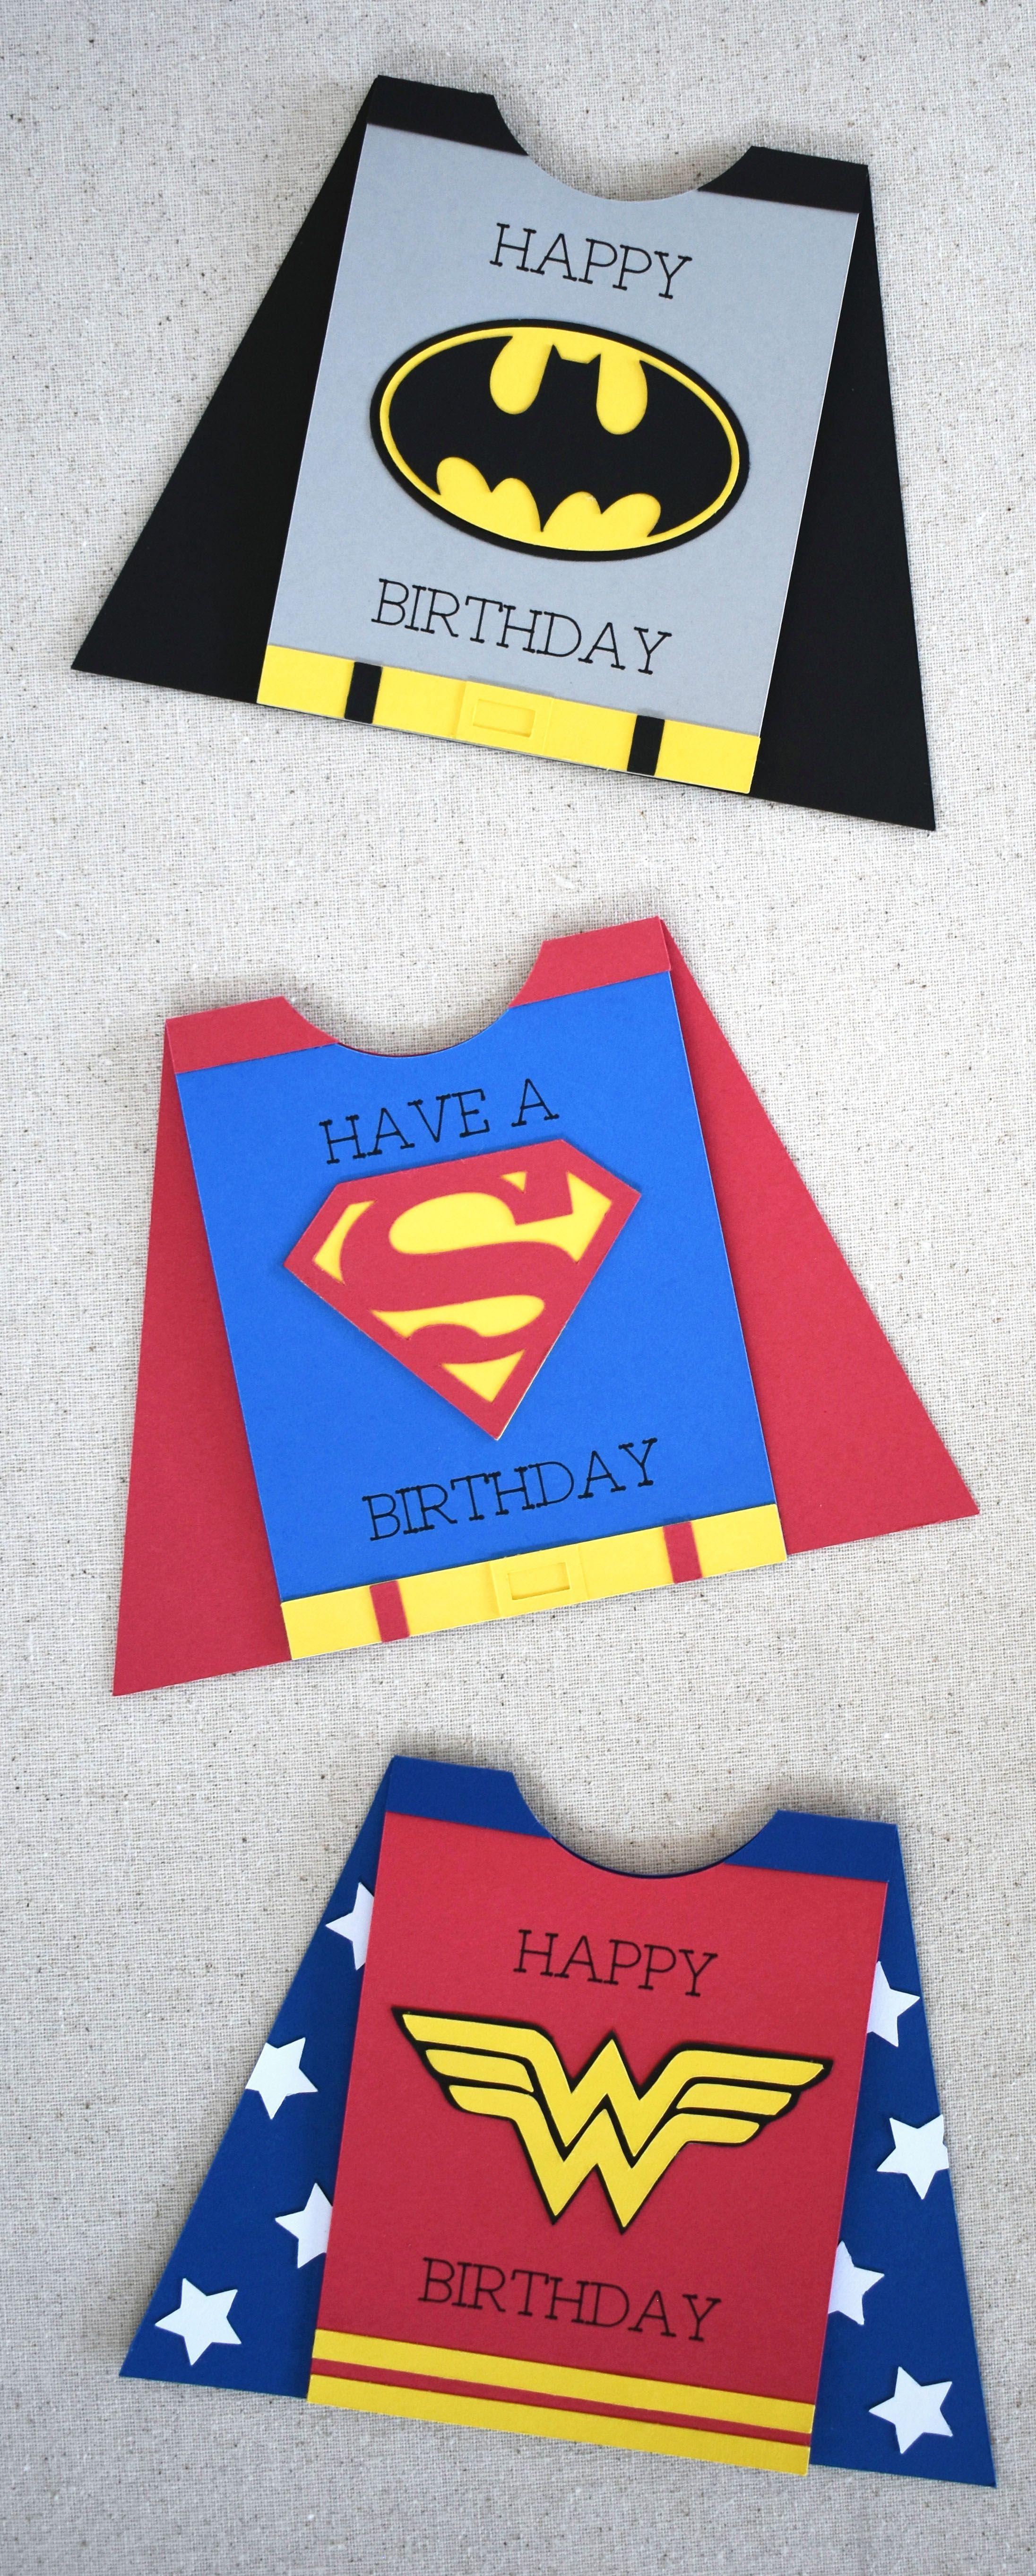 Superhero Card With Cricut Cricut Birthday Cards Creative Birthday Cards Diy Superhero Cape